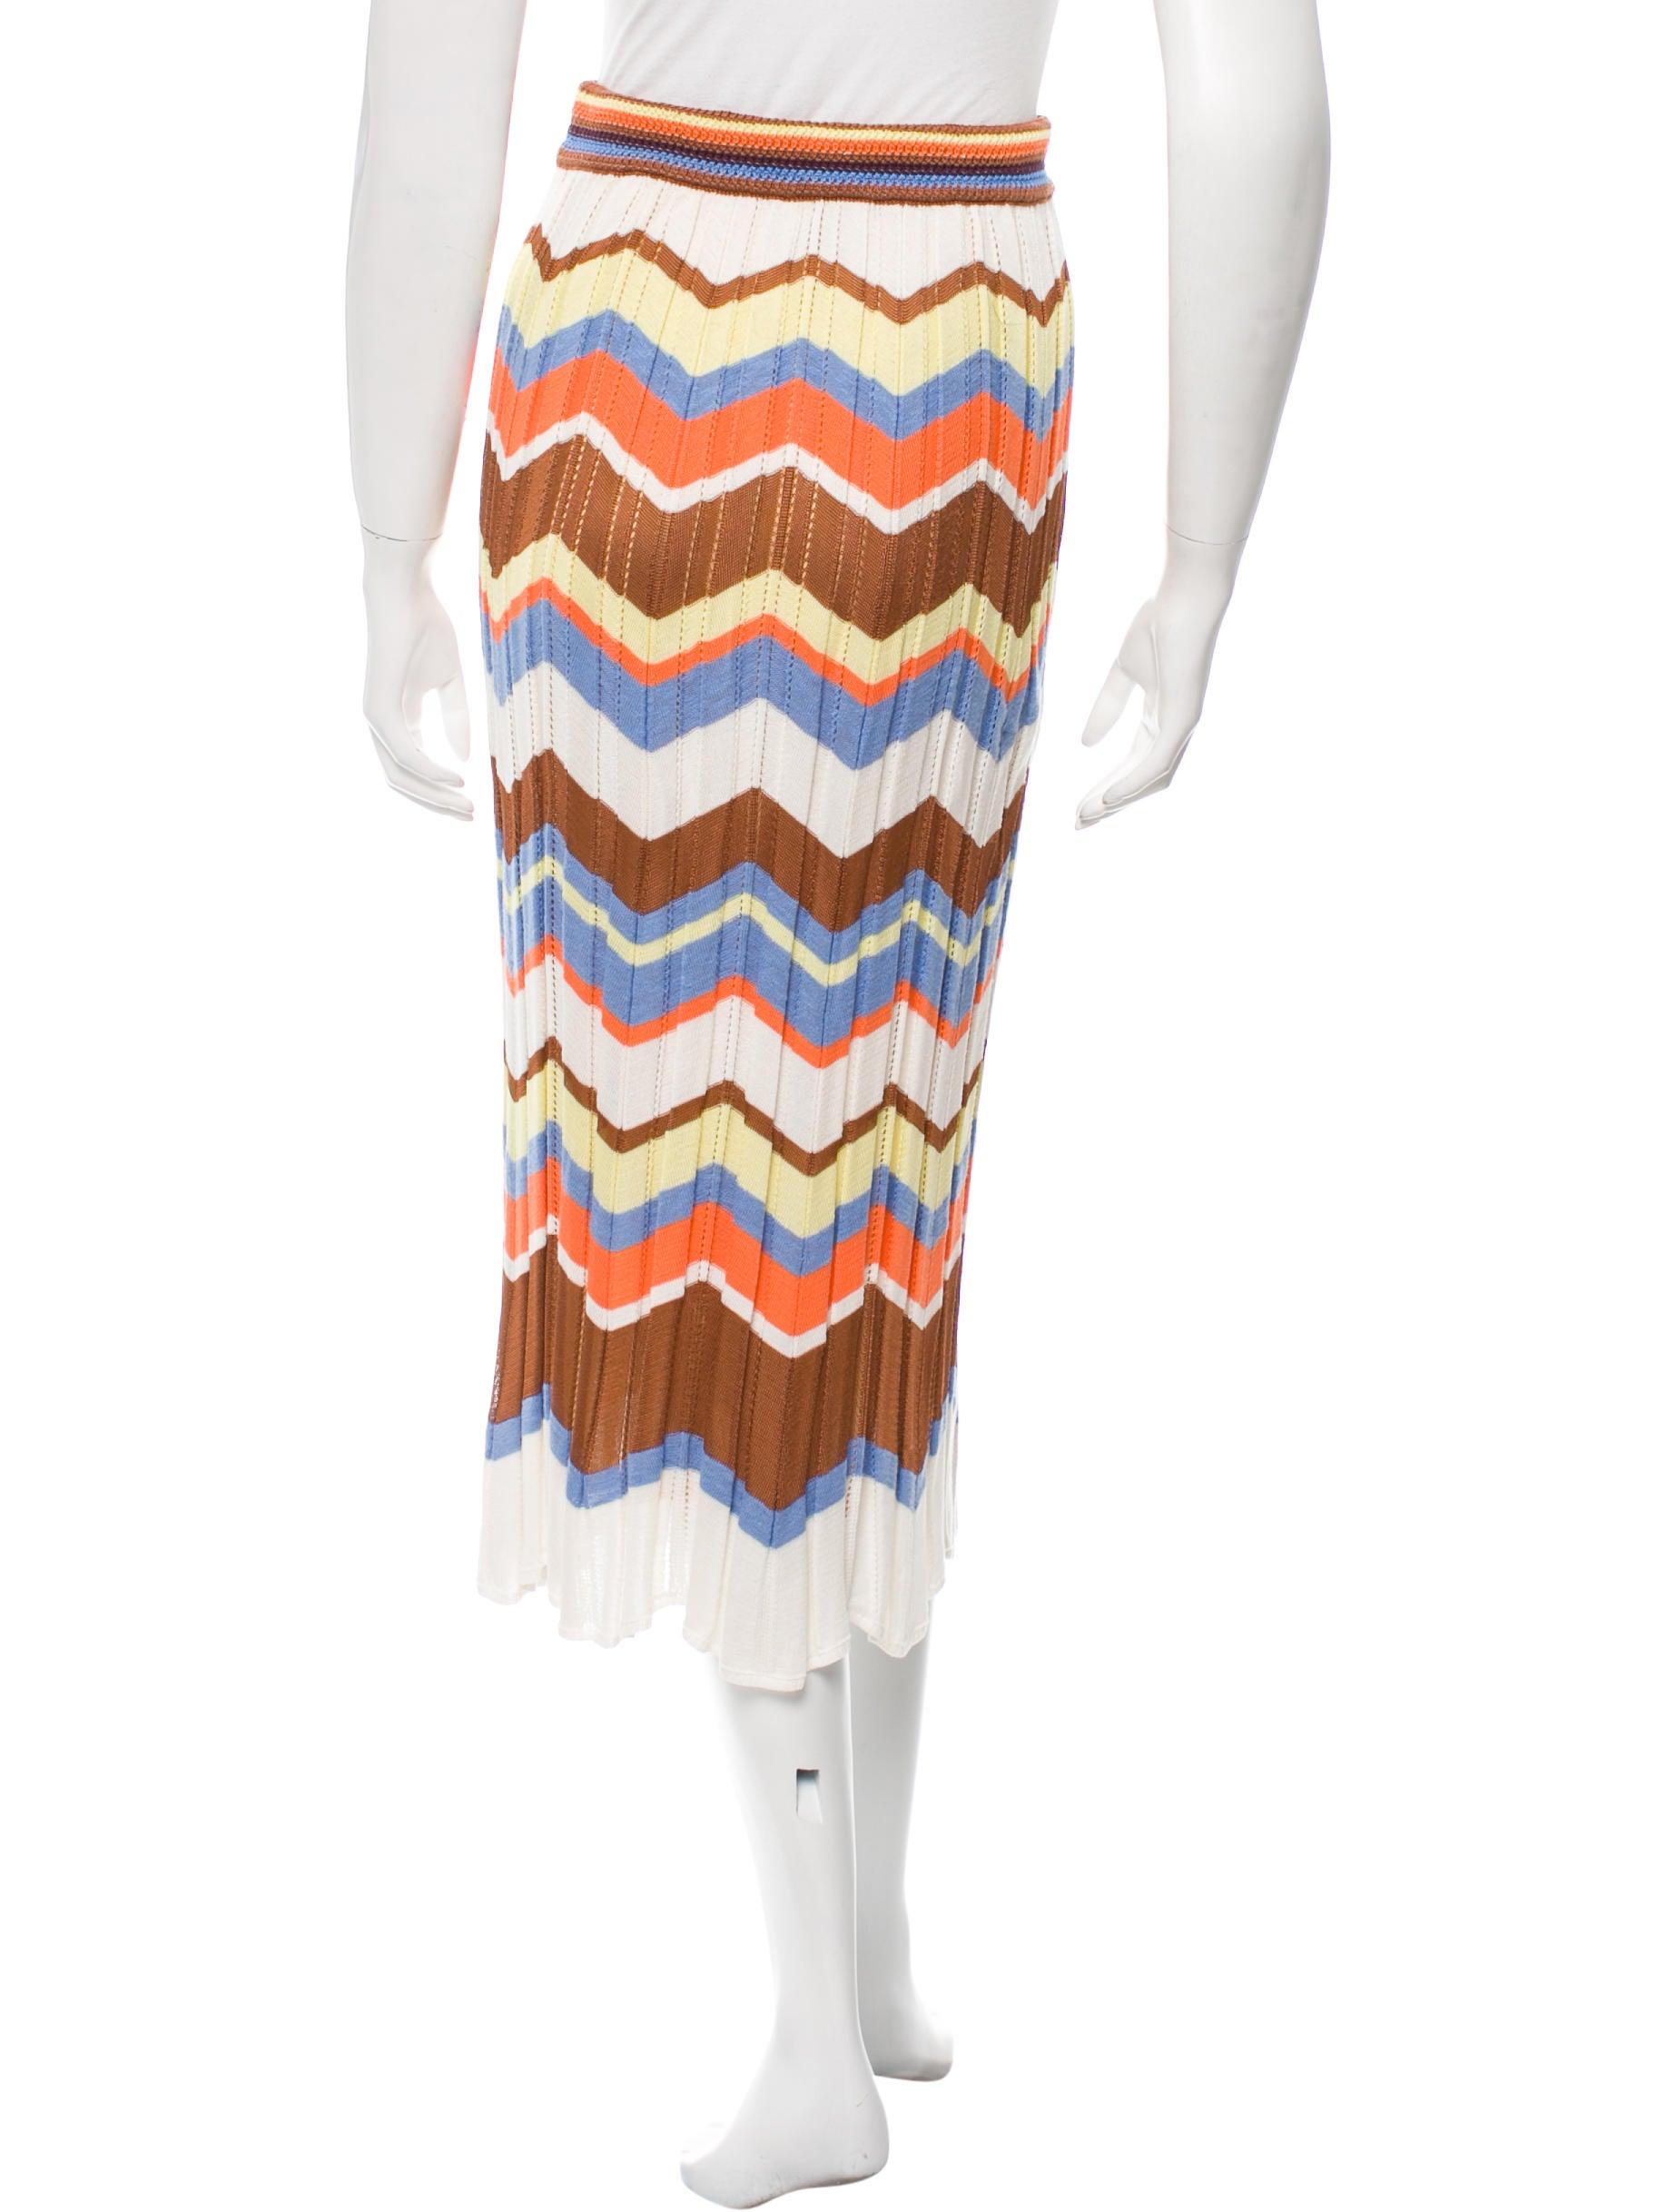 m missoni printed knit midi skirt clothing wm433656